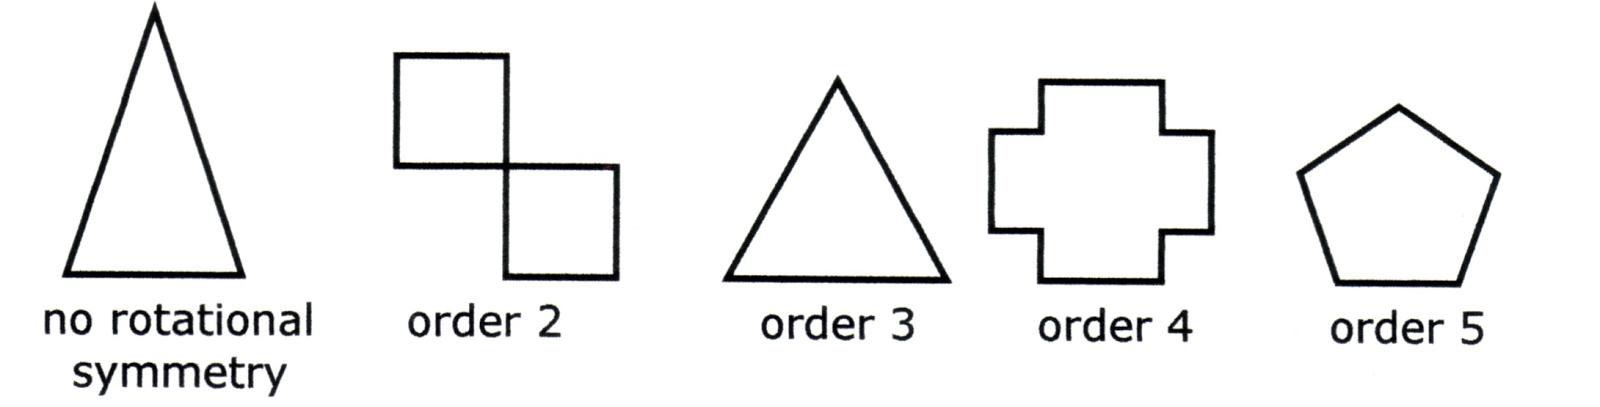 Symmetry – Rotational Symmetry Worksheet